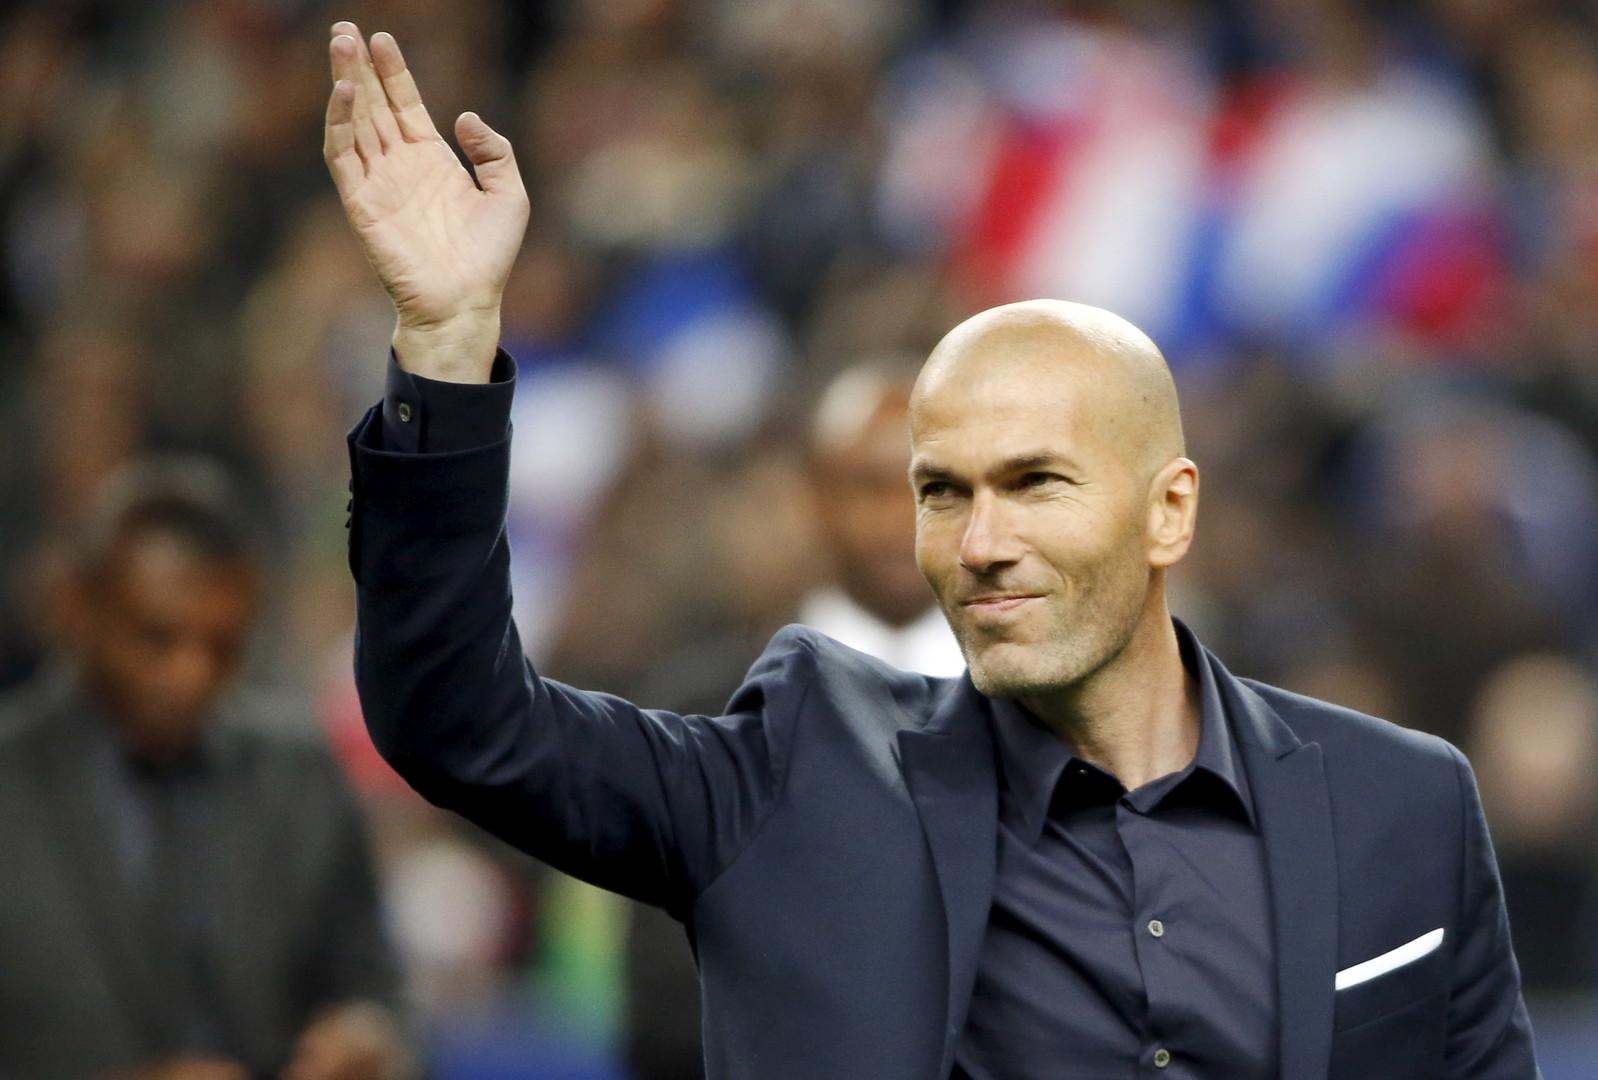 أول انتصار لزيدان مع ريال مدريد يستحوذ على  عناوين الصحف الإسبانية